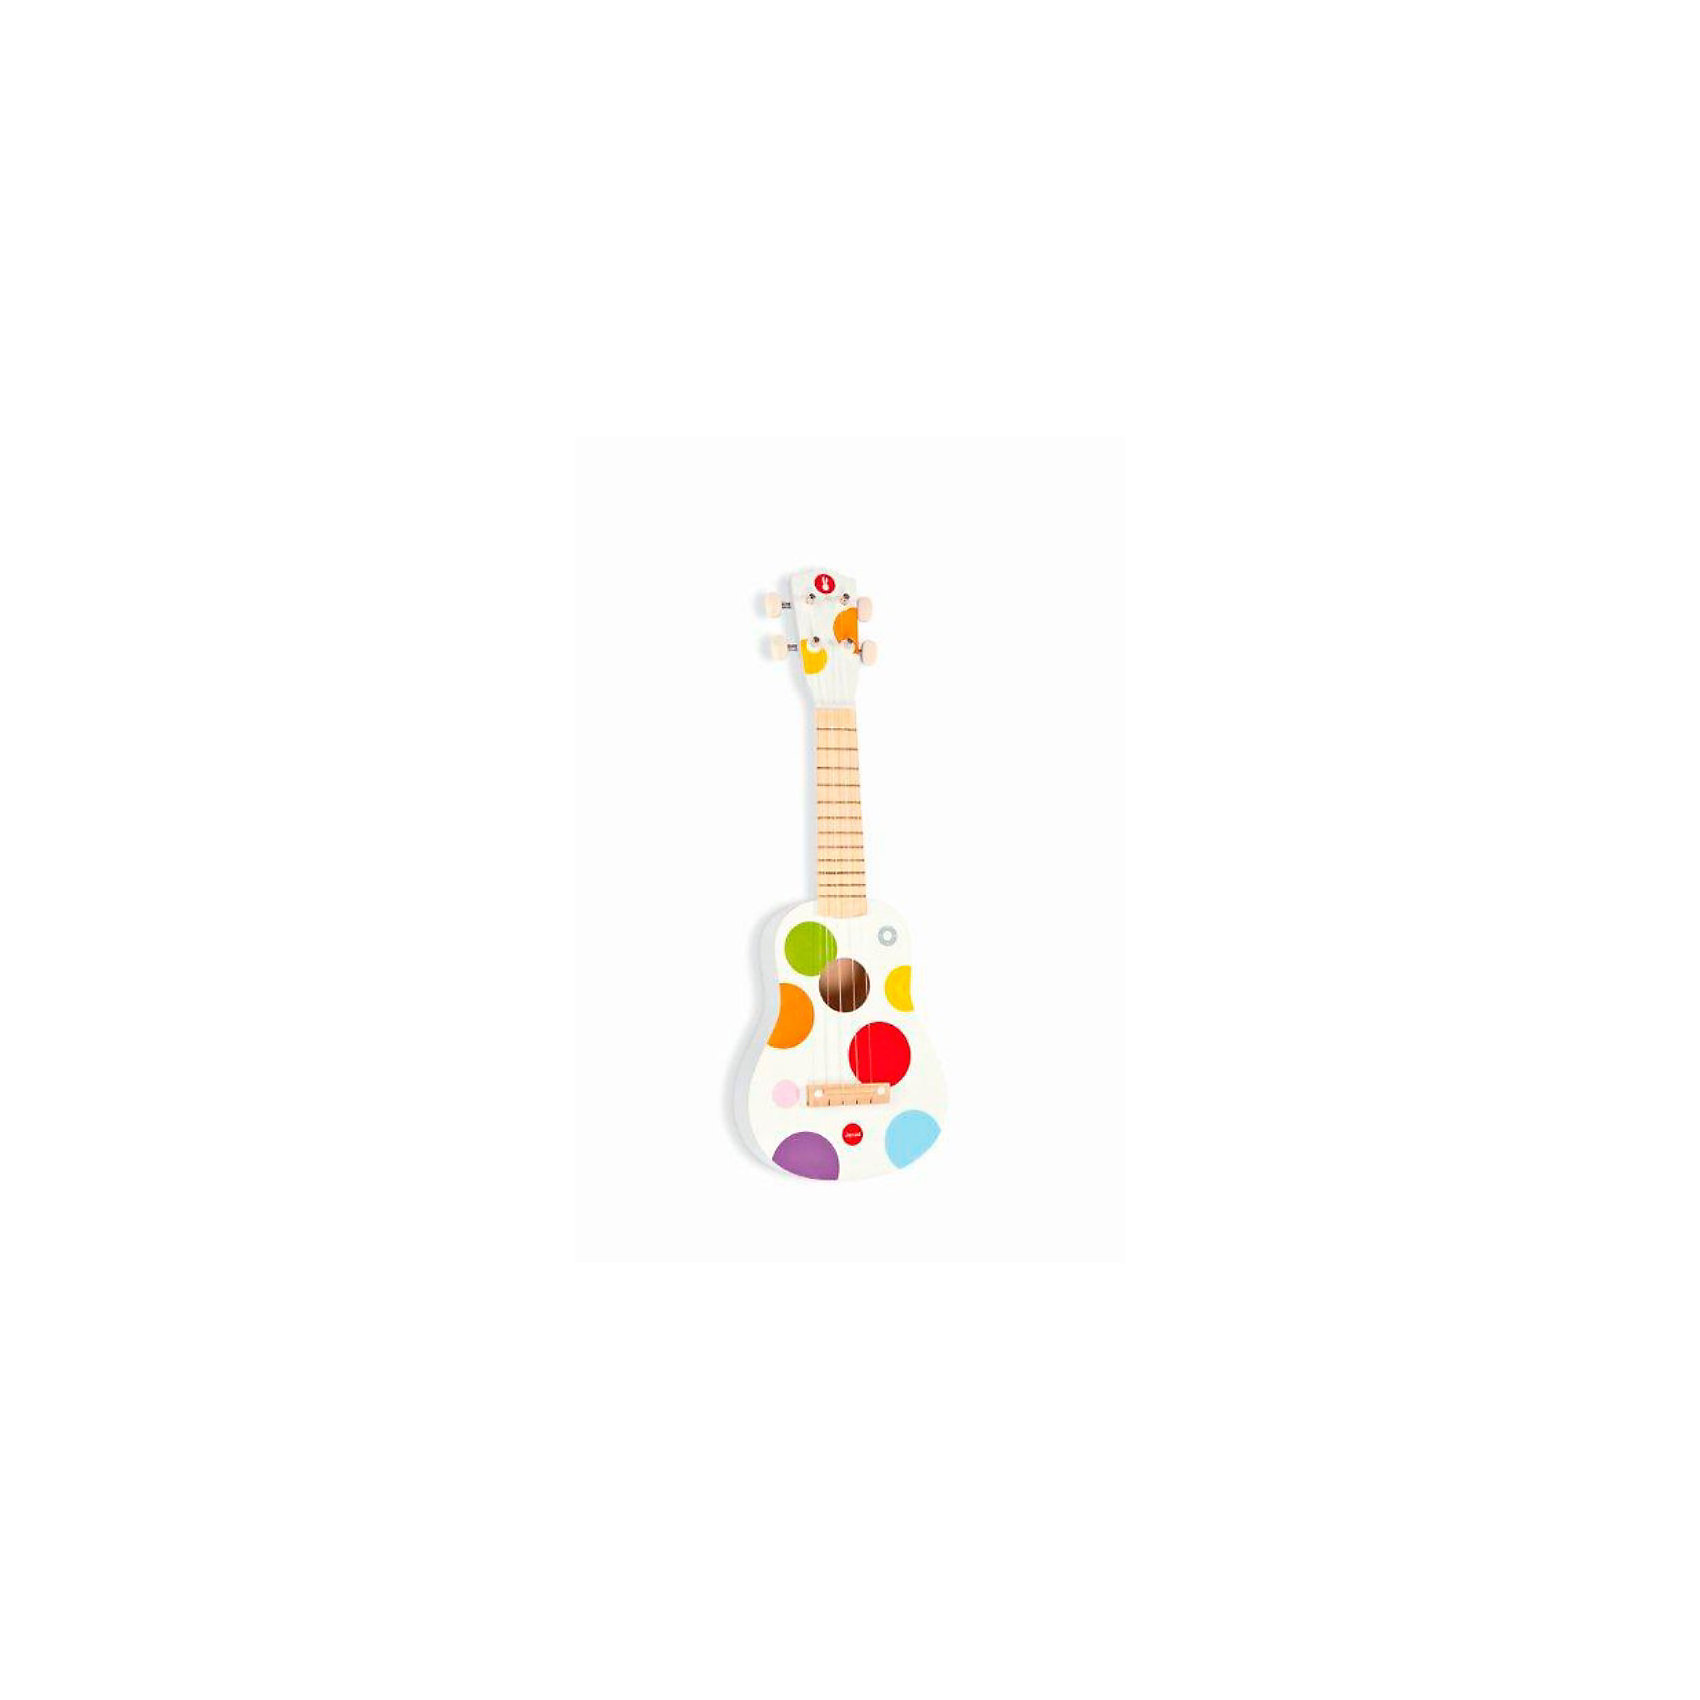 Гавайская гитара из дерева, белая, JanodДетские музыкальные инструменты<br>Развивать музыкальные способности можно с детства! Эта небольшая гитара очень удобна - ее можно брать с собой в дорогу, благодаря продуманной форме хранится она очень компактно. Игра на музыкальных инструментах развивает также мелкую моторику и художественный вкус. Такая гитара надолго занимает детей и помогает увлекательно провести время!<br>Гитара выглядит как настоящая - с настоящими струнами и колками. Она разработана опытными специалистами, сделана из высококачественных материалов, безопасных для детей.<br><br>Дополнительная информация:<br><br>материал: дерево, краски на водной основе;<br>размер: 53,5 х 17,5 х 5 см;<br>цвет: разноцветный.<br><br>Гавайскую гитару от компании Janod можно купить в нашем магазине.<br><br>Ширина мм: 563<br>Глубина мм: 208<br>Высота мм: 73<br>Вес г: 635<br>Возраст от месяцев: 36<br>Возраст до месяцев: 55<br>Пол: Унисекс<br>Возраст: Детский<br>SKU: 2410289